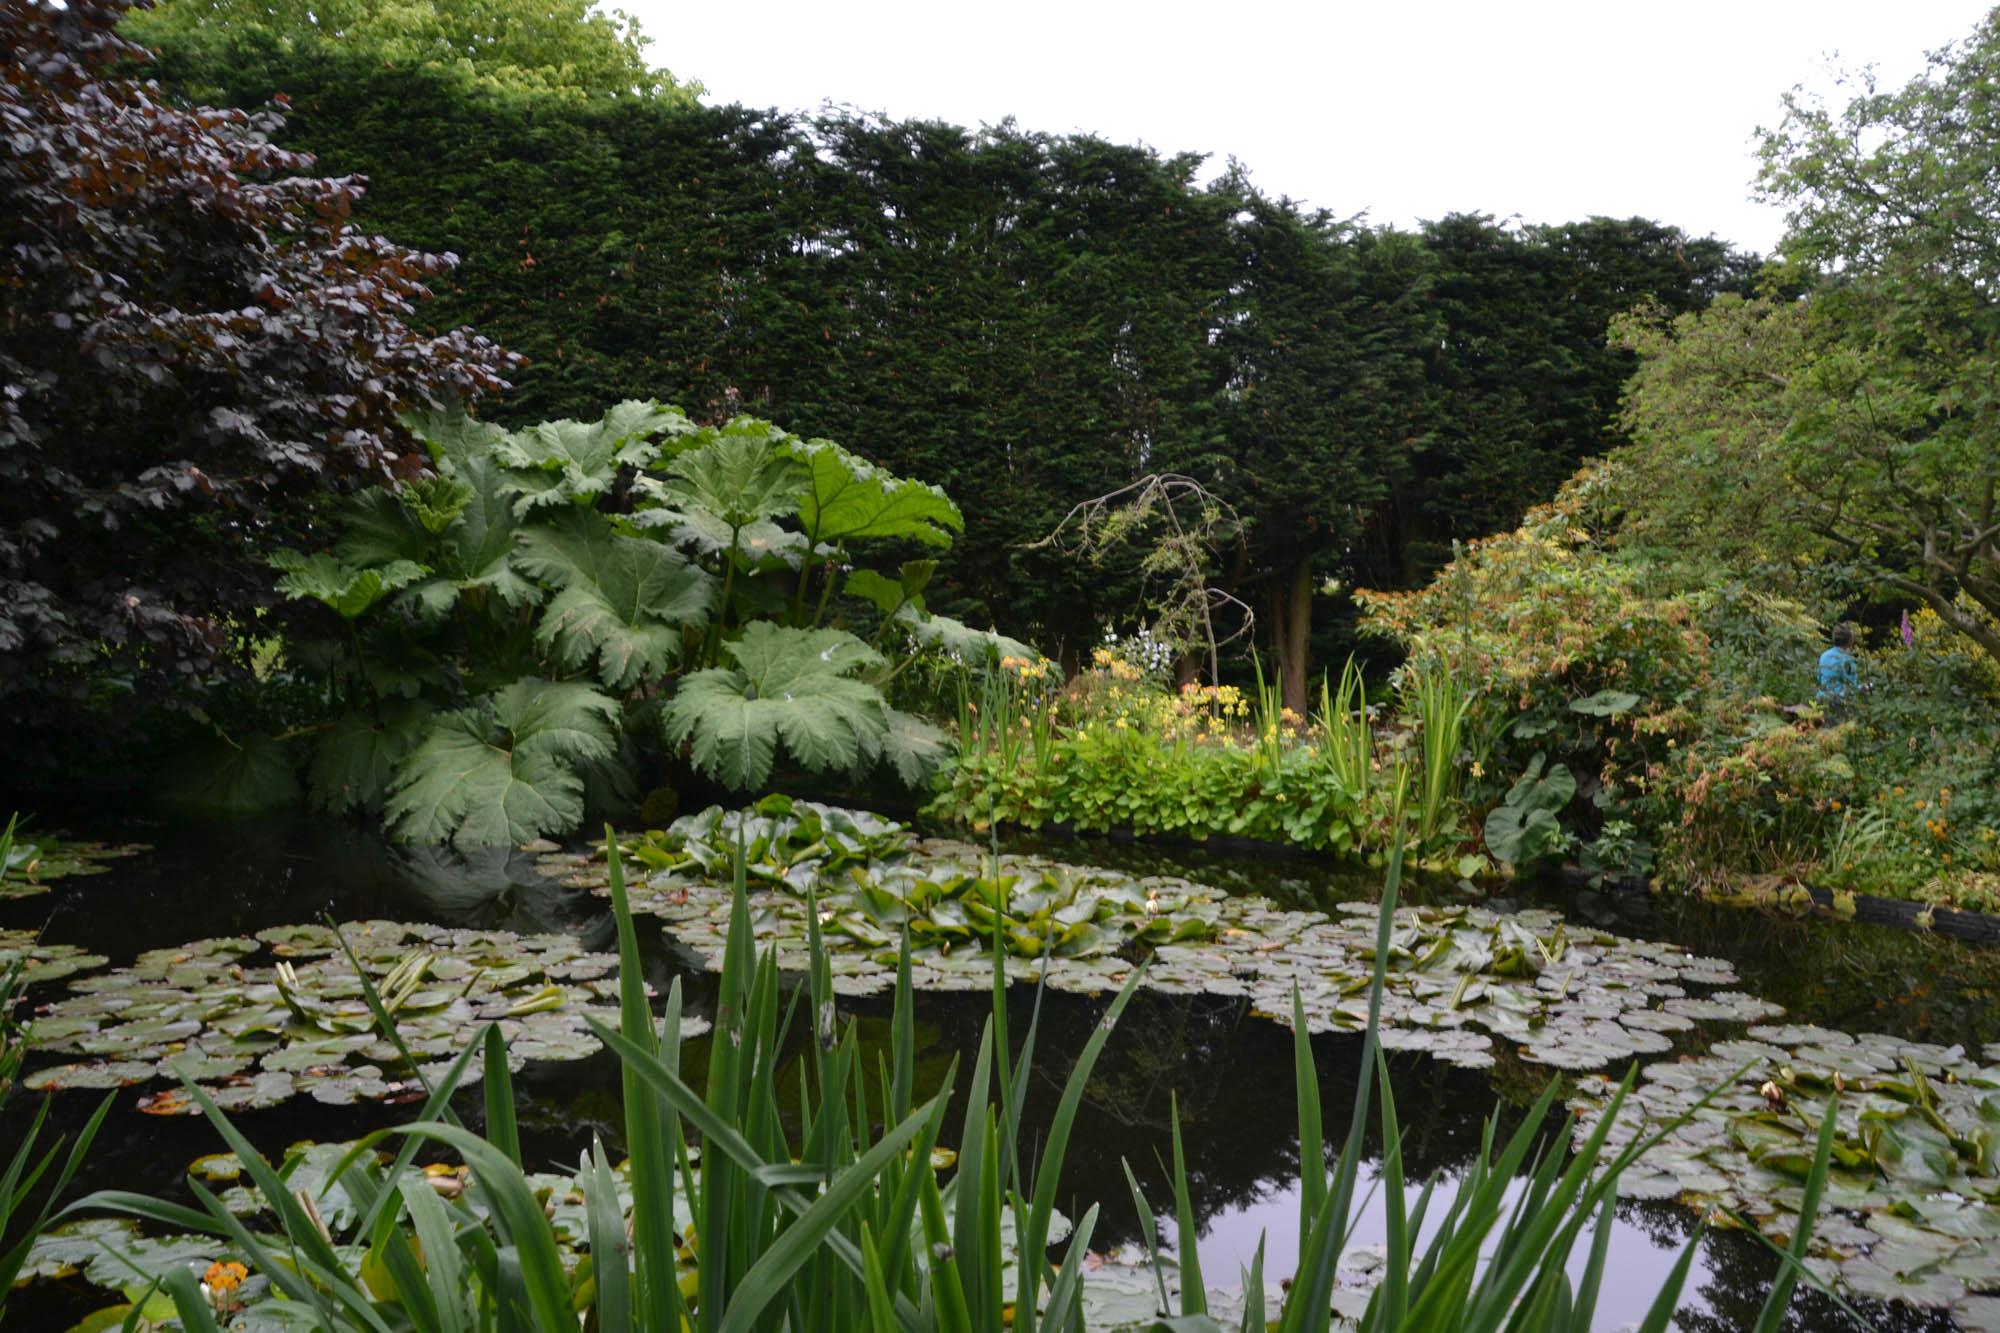 Lilypond in garden